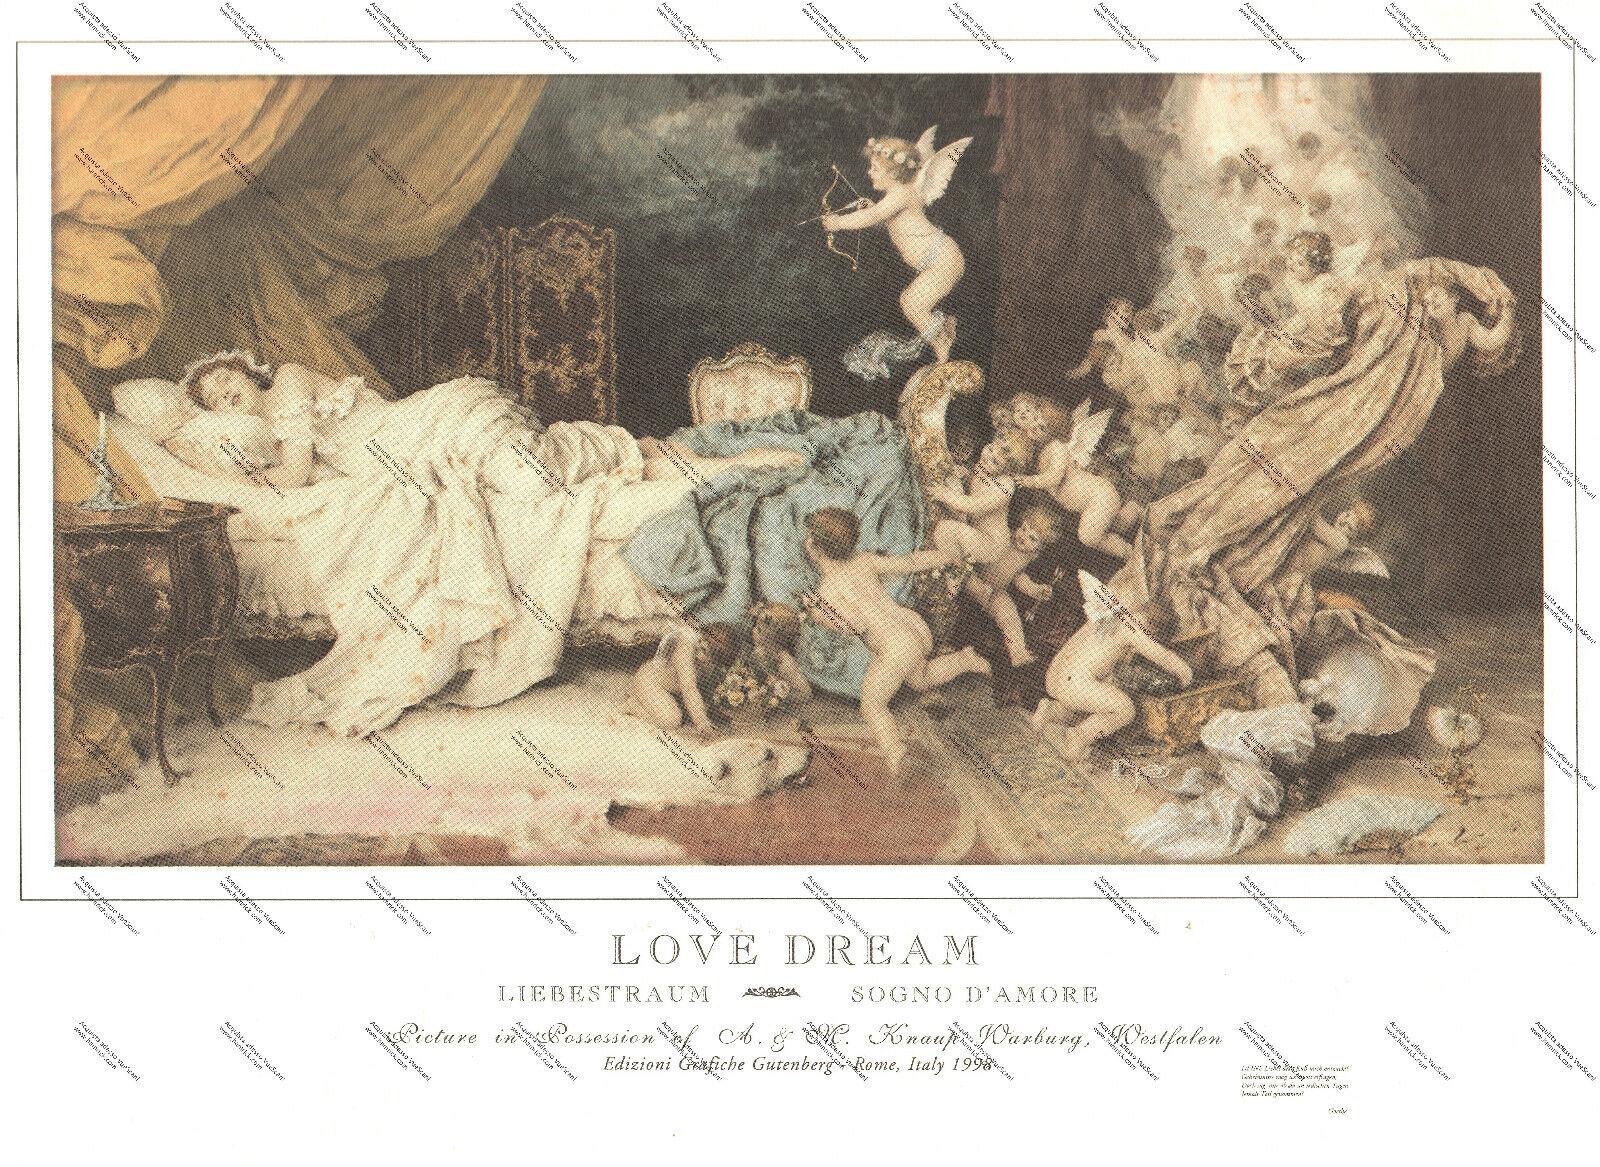 STAMPA D'ARTE - LOVE DREAM, SOGNO D'AMORE Francesco Vinea - © GRAFICHE GUTENBERG